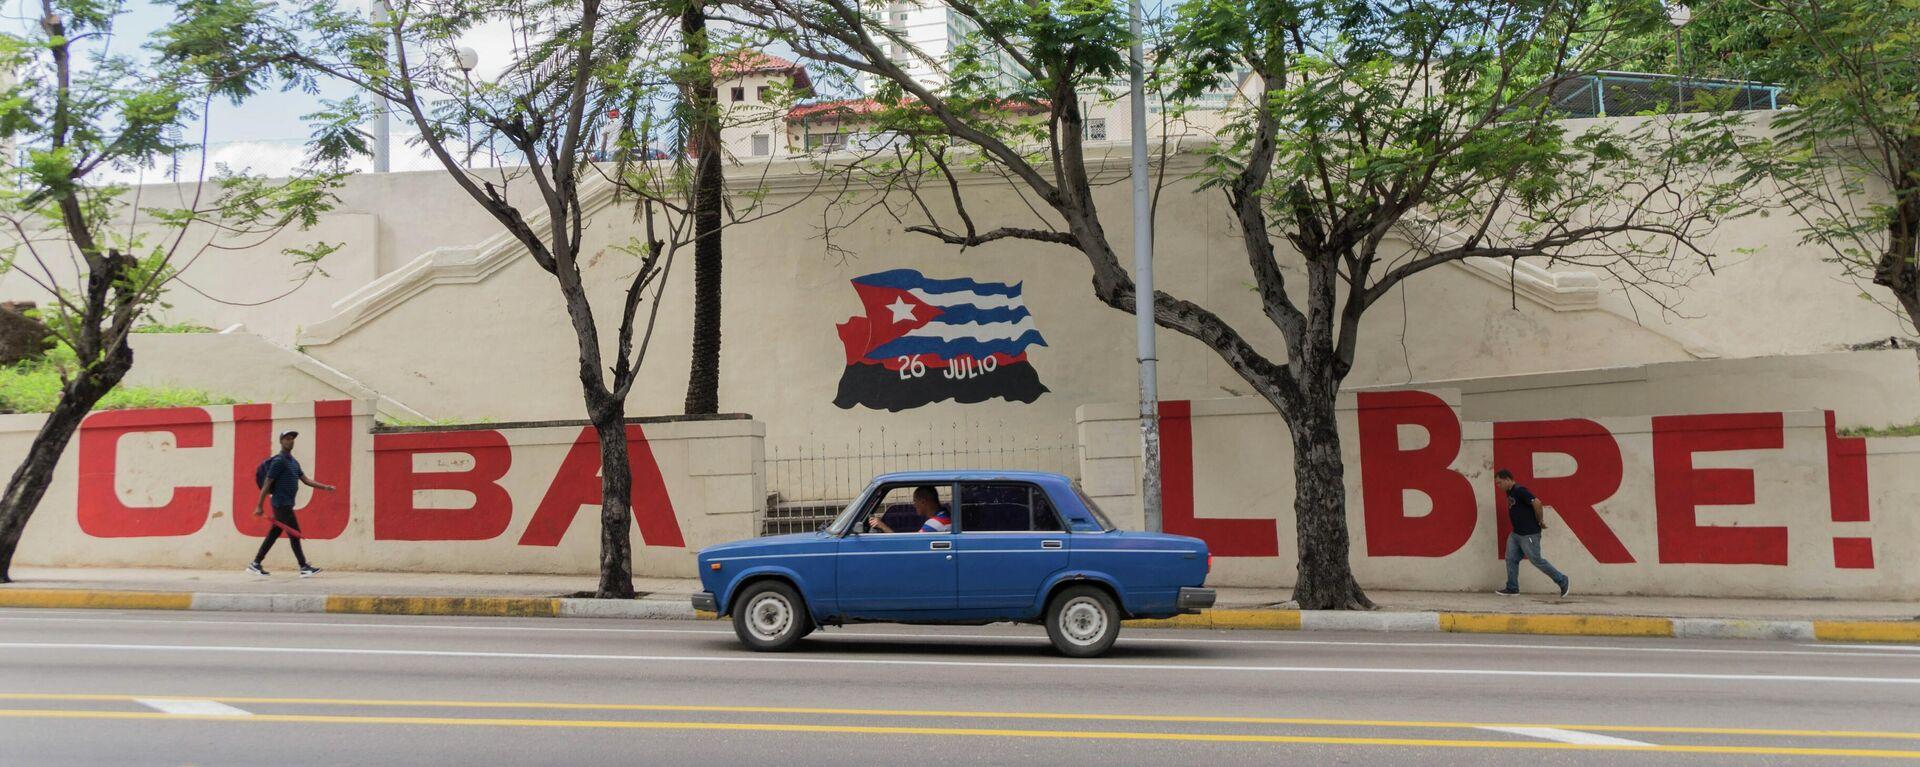 Mural 'Cuba libre' en las calles de La Habana - Sputnik Mundo, 1920, 26.03.2021